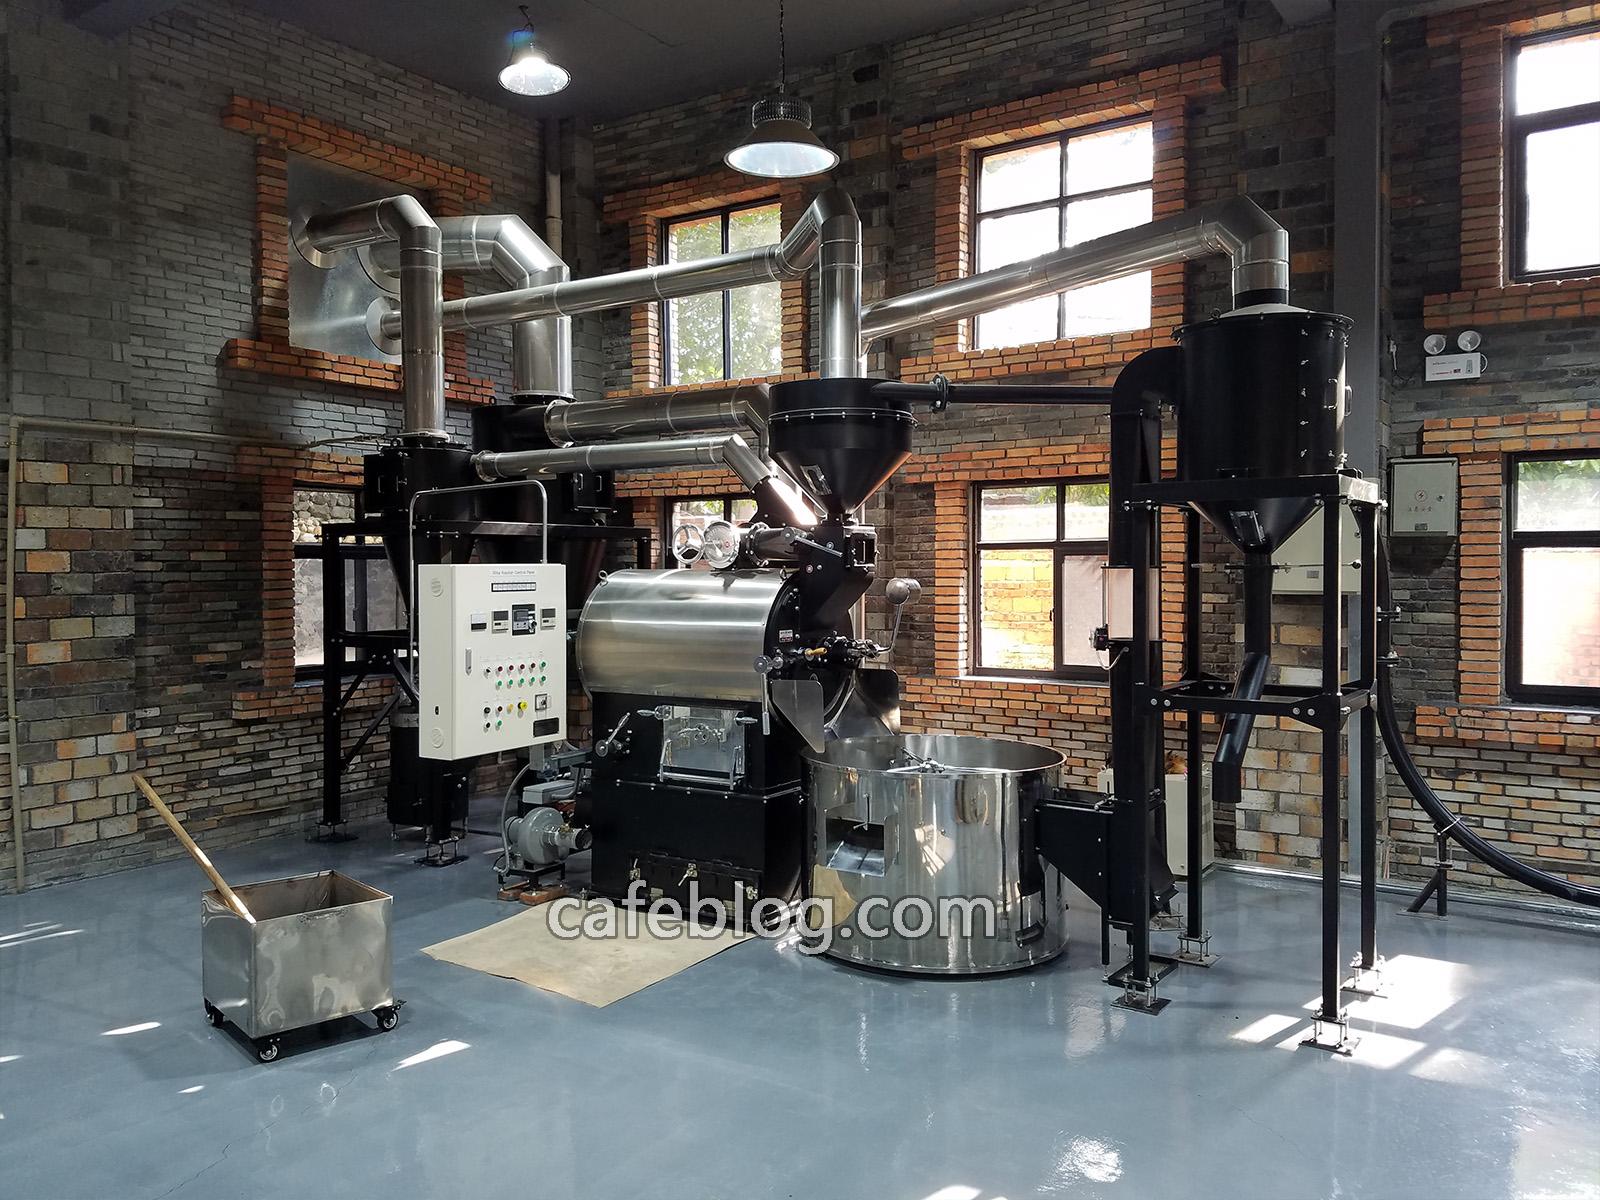 福山咖啡体验中心一楼的咖啡烘焙区,采用的是富士皇家30公斤级 燃气炭火俩用机。